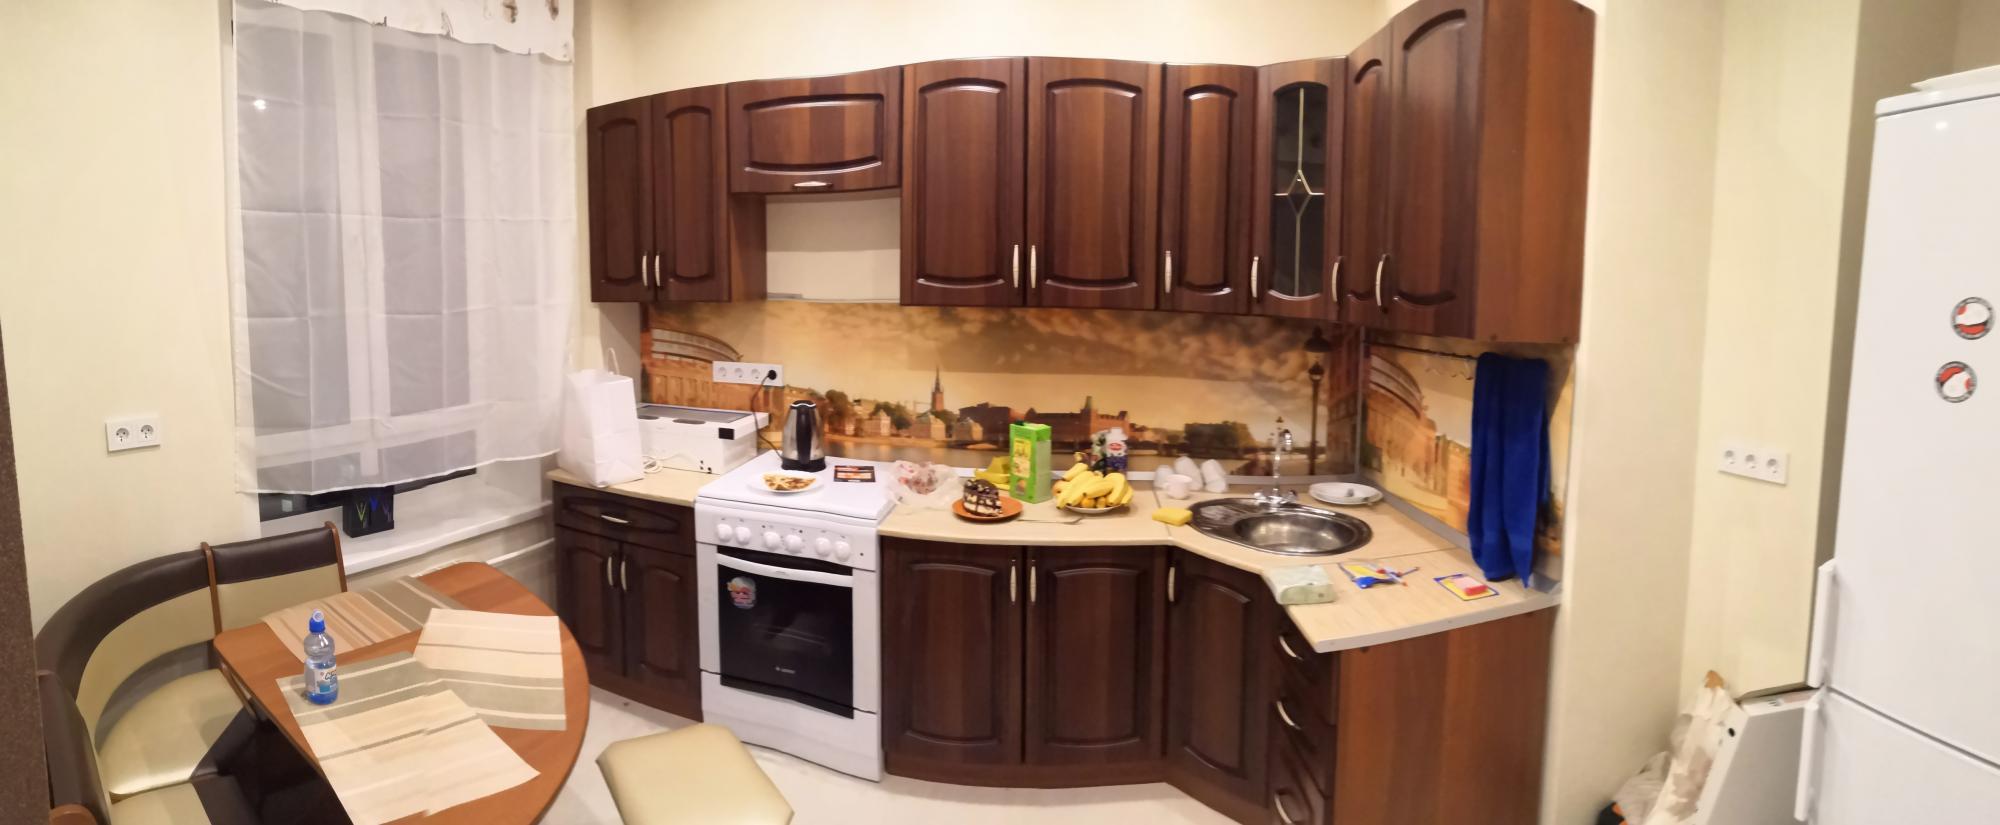 Квартира, 3 комнаты, 74 м² в Щербинке 89990025182 купить 1